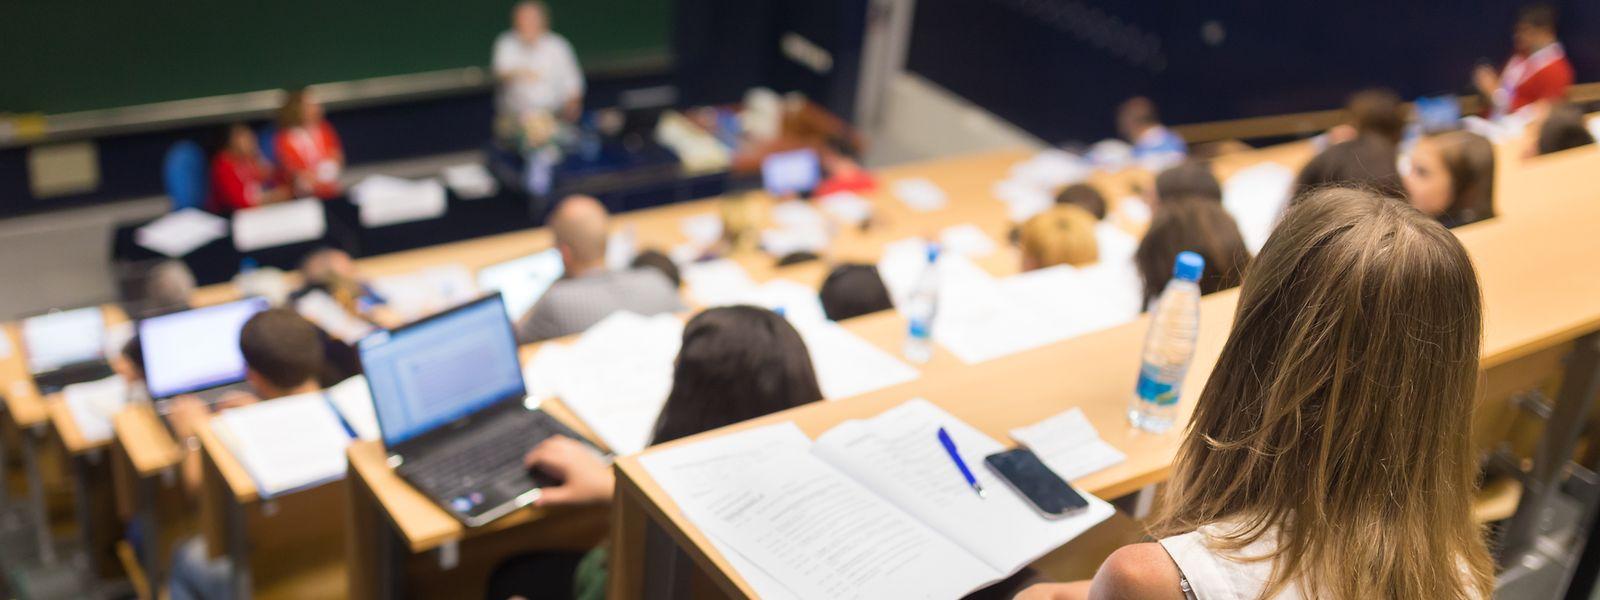 Le service de l'assistance consulaire du ministère des Affaires étrangères et européennes se tient à la disposition des étudiants pour leur porter assistance en cas de besoin.